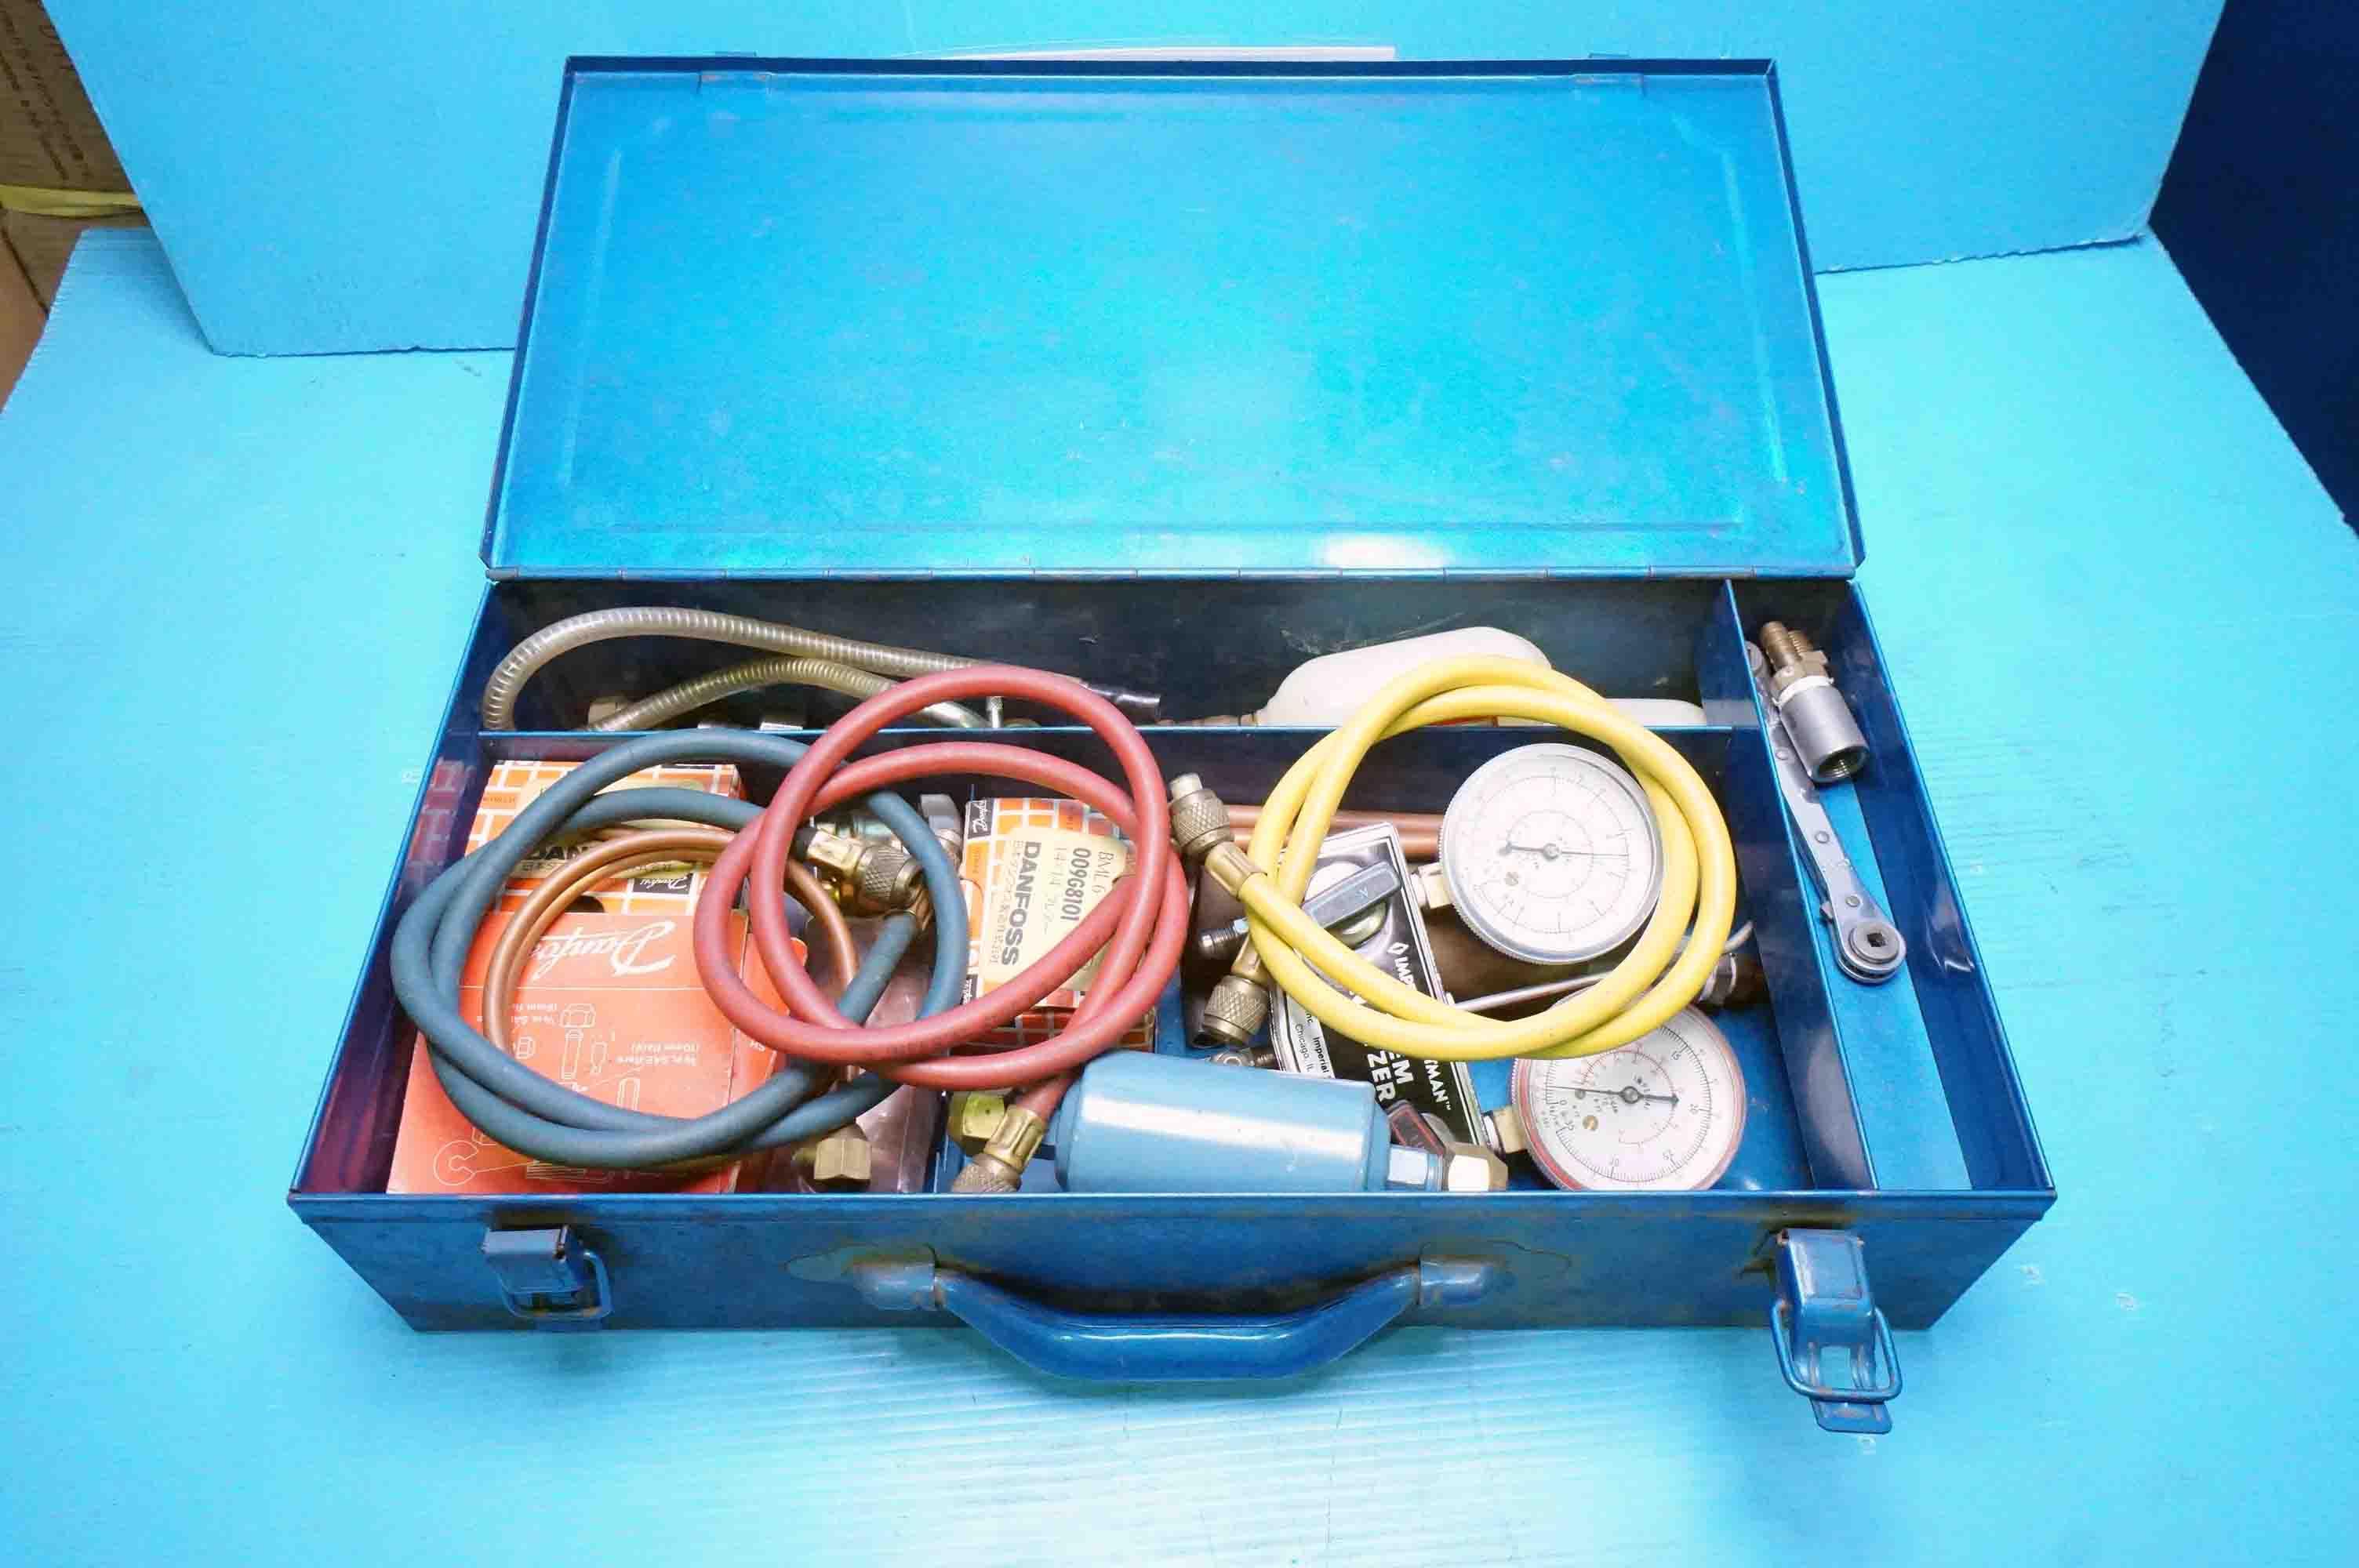 フロンガス探知充填機 インペリアルイーストマン(920303KIY-12-20)の画像